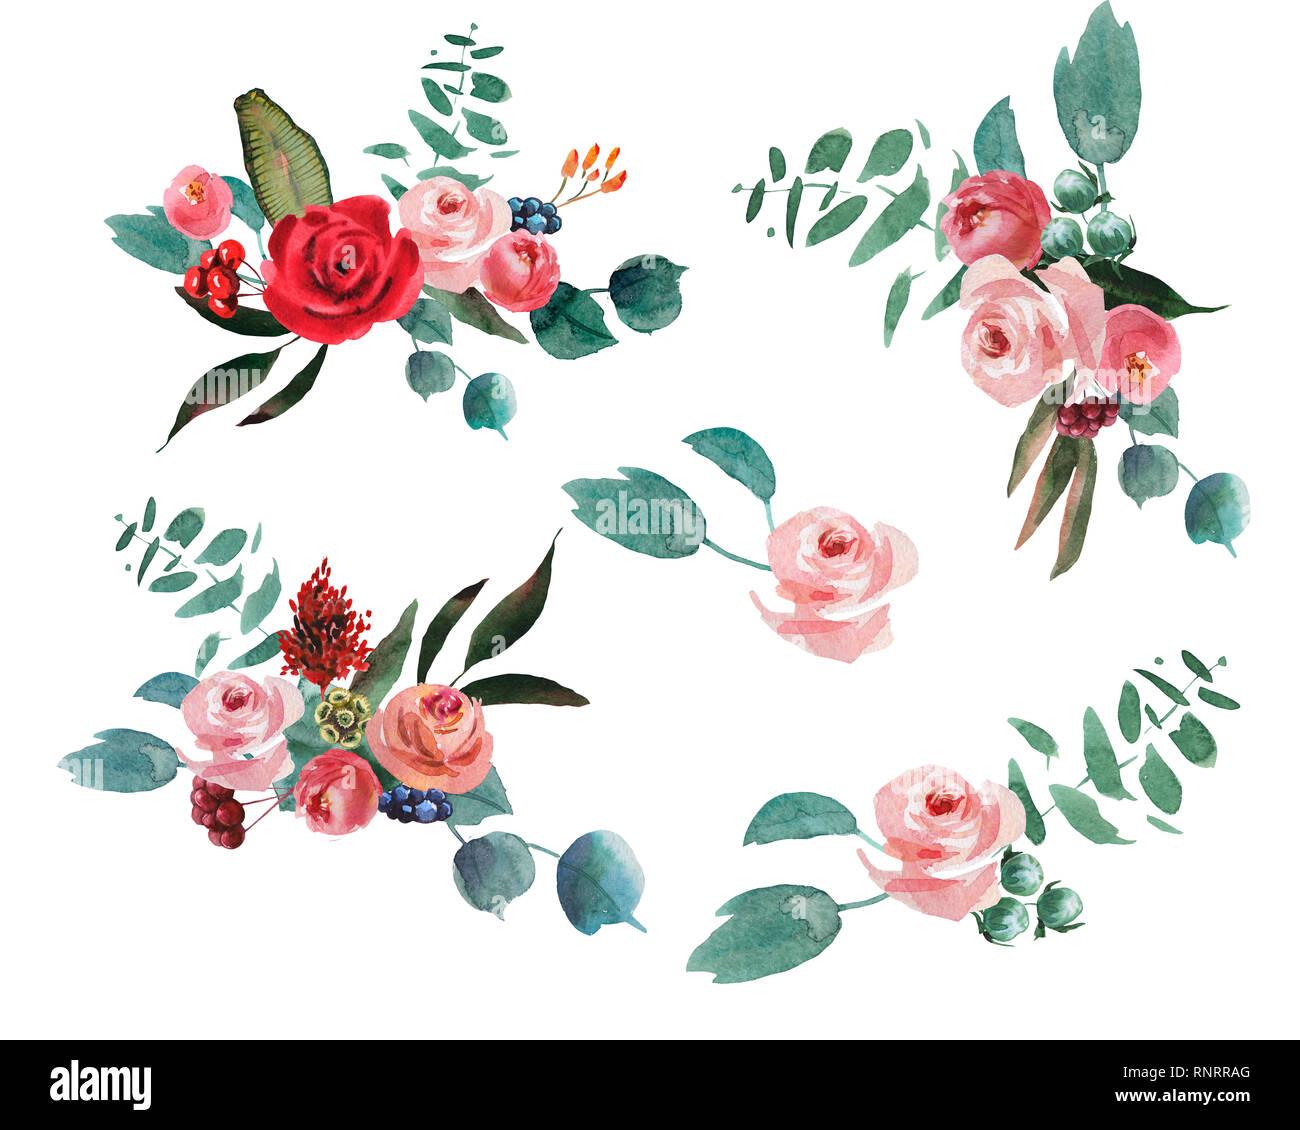 Boda Ramo Rustico Rojo Y Verde Y Rosa Flores De Dibujo A Mano